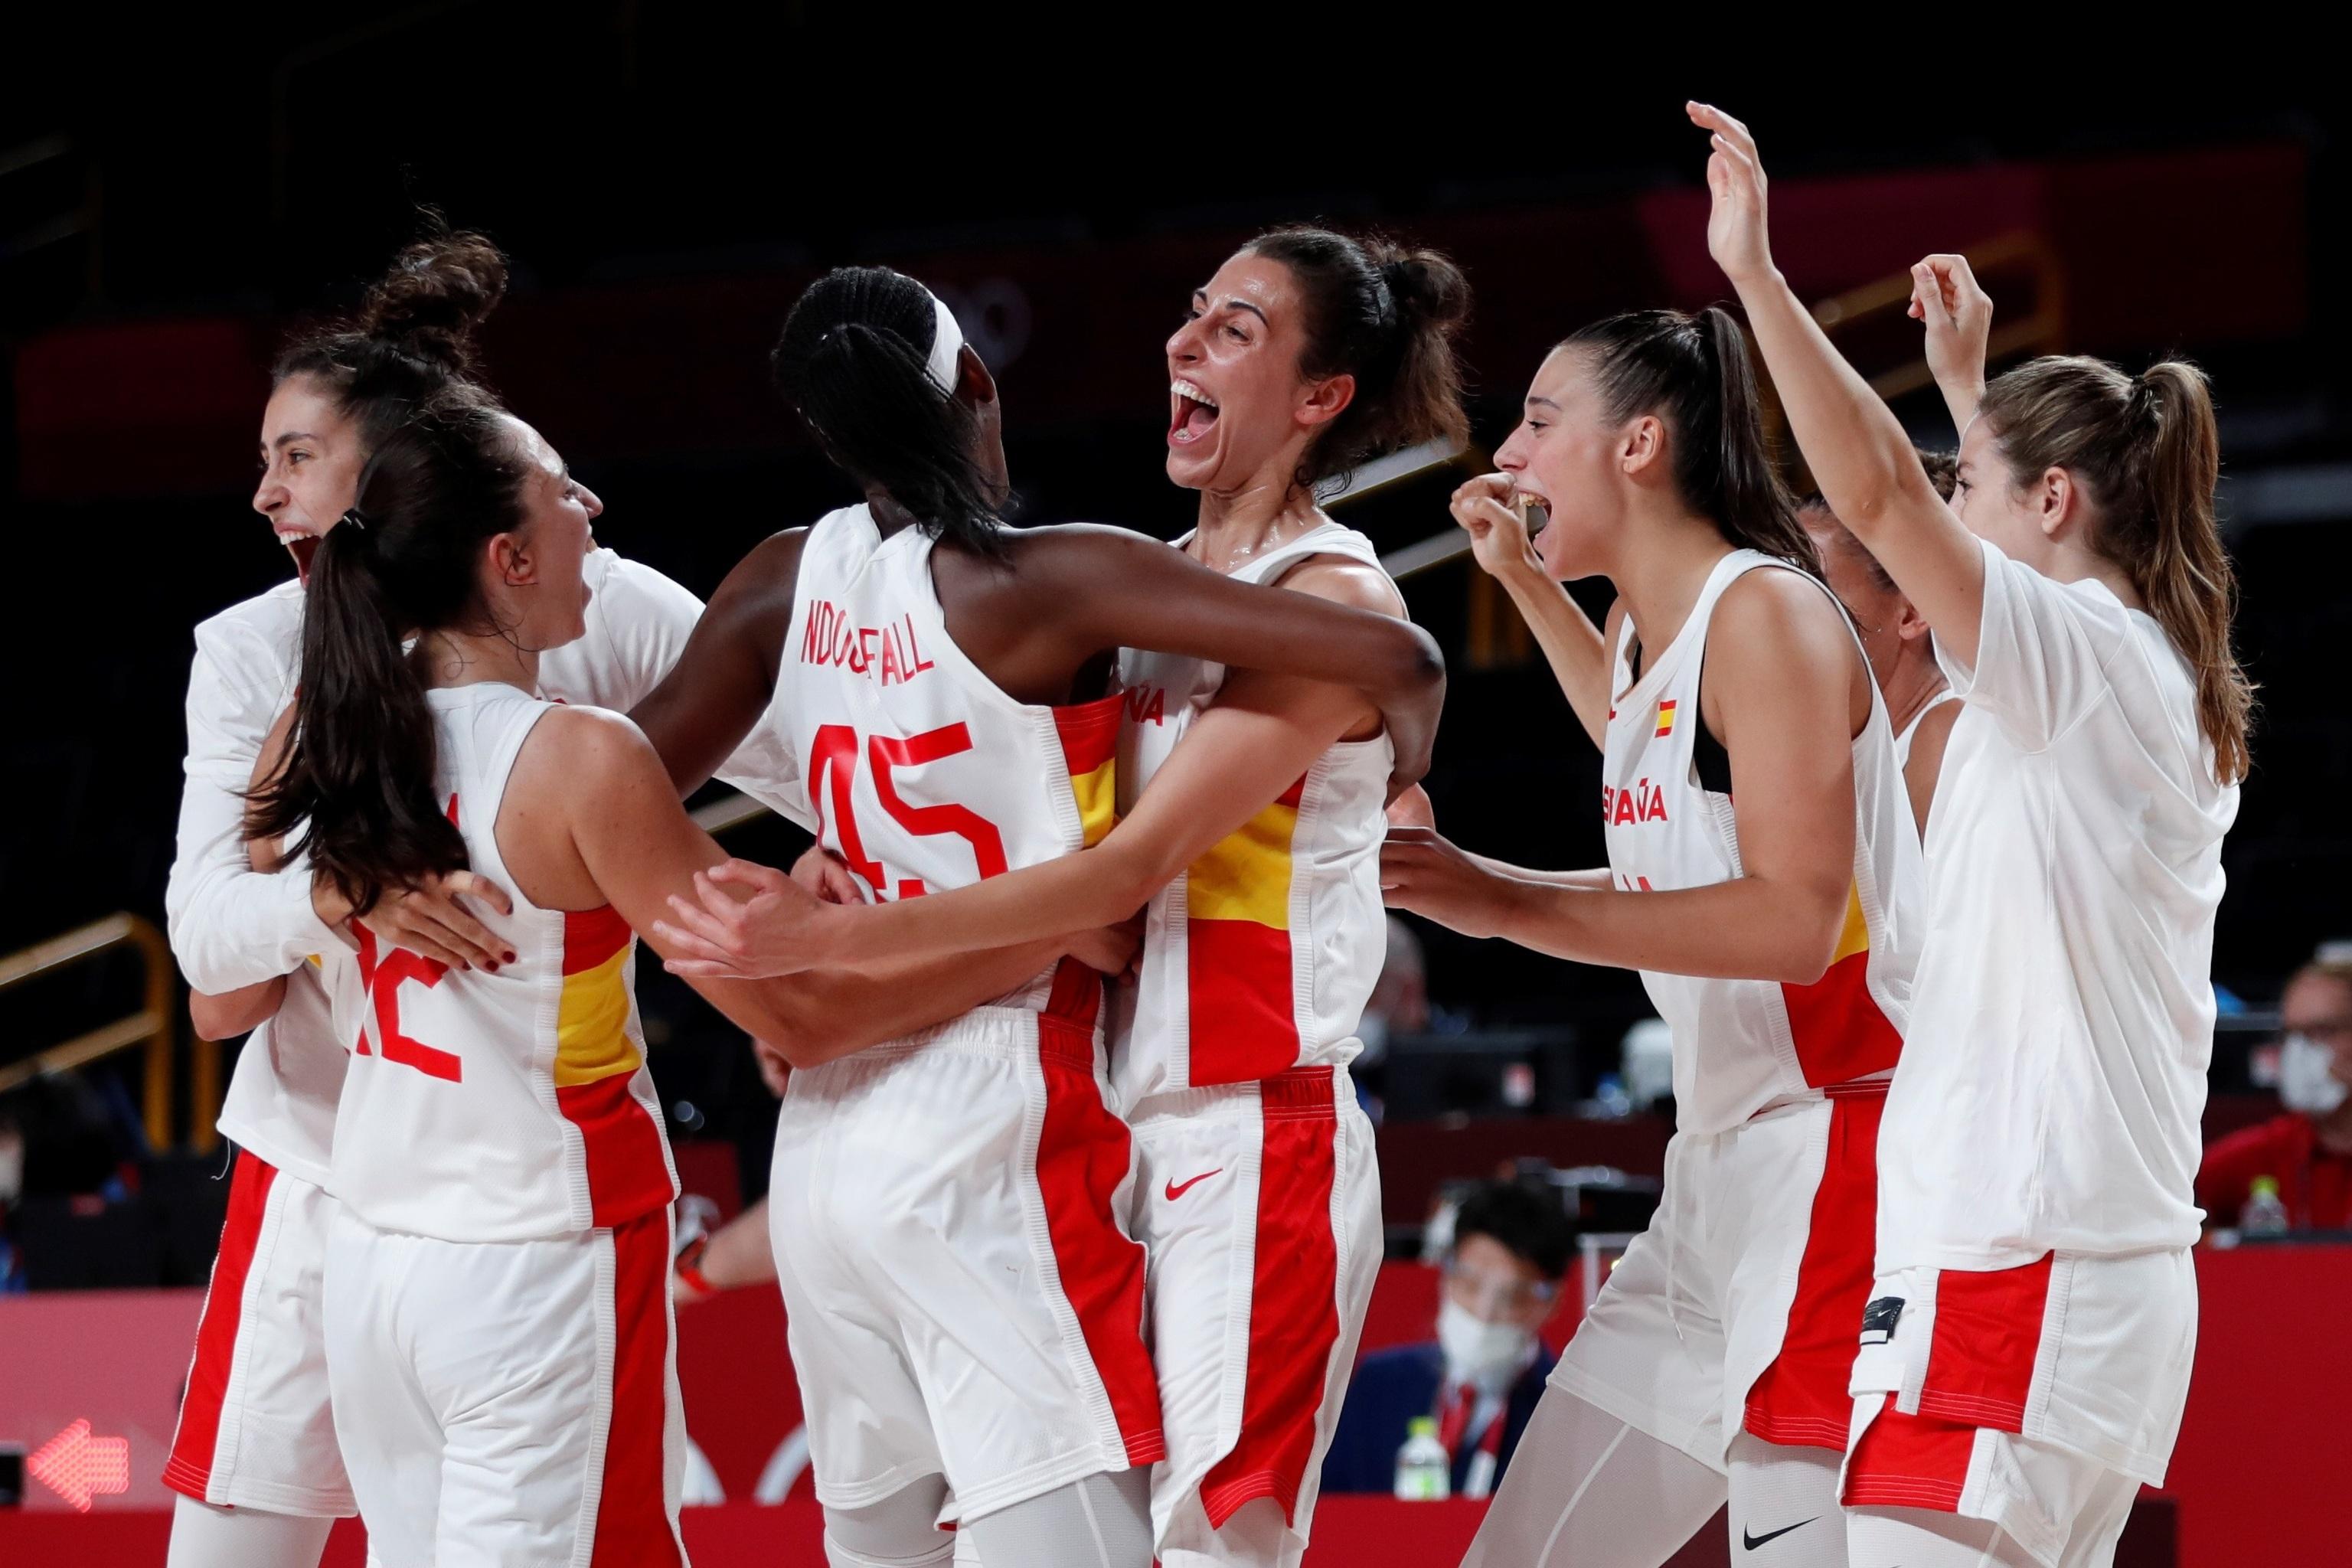 España Serbia - baloncesto femenino - Juegos Olímpicos 2021 - Tokio 2020